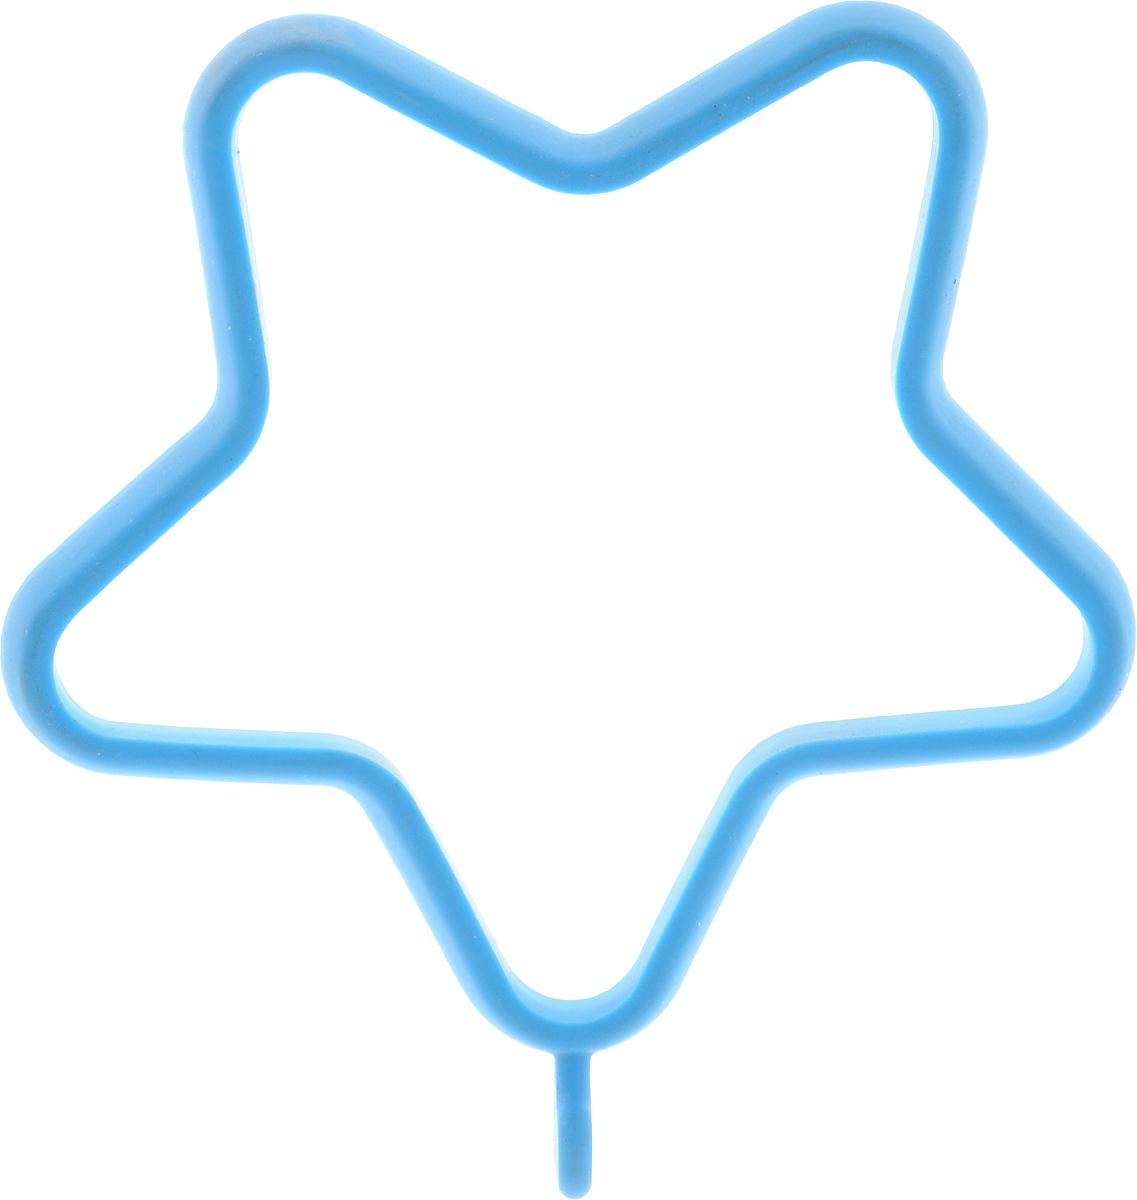 Форма для яичницы Oursson Звезда, 13,5 х 11,4 х 1 смBW1356S/MC_голубойФорма для яичницы Oursson Звезда, выполненная из жаростойкого силикона, подходит для приготовления яичницы, омлета, оладий! Она добавит оригинальности обычным блюдам и особенно понравится детям! Форма не повреждает антипригарное покрытие сковород. Для получения идеального результата рекомендуется использовать ее на ровной поверхности сковороды. Размер формы: 13,5 х 11,4 х 1 см